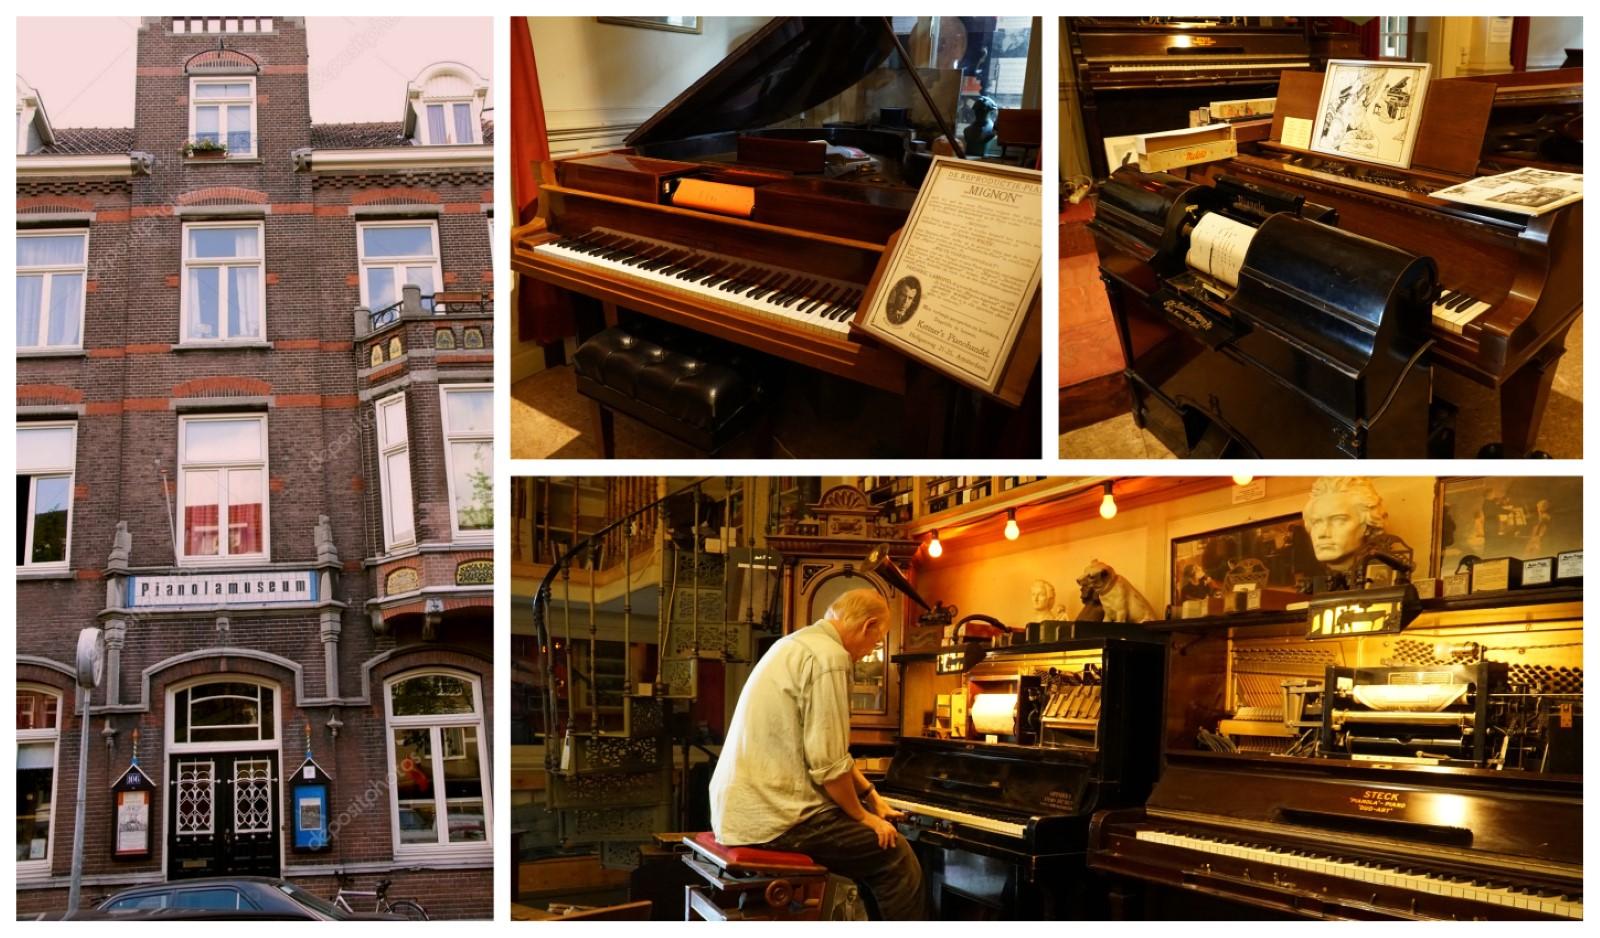 פיאנולה מבחוץ והפסנתרים